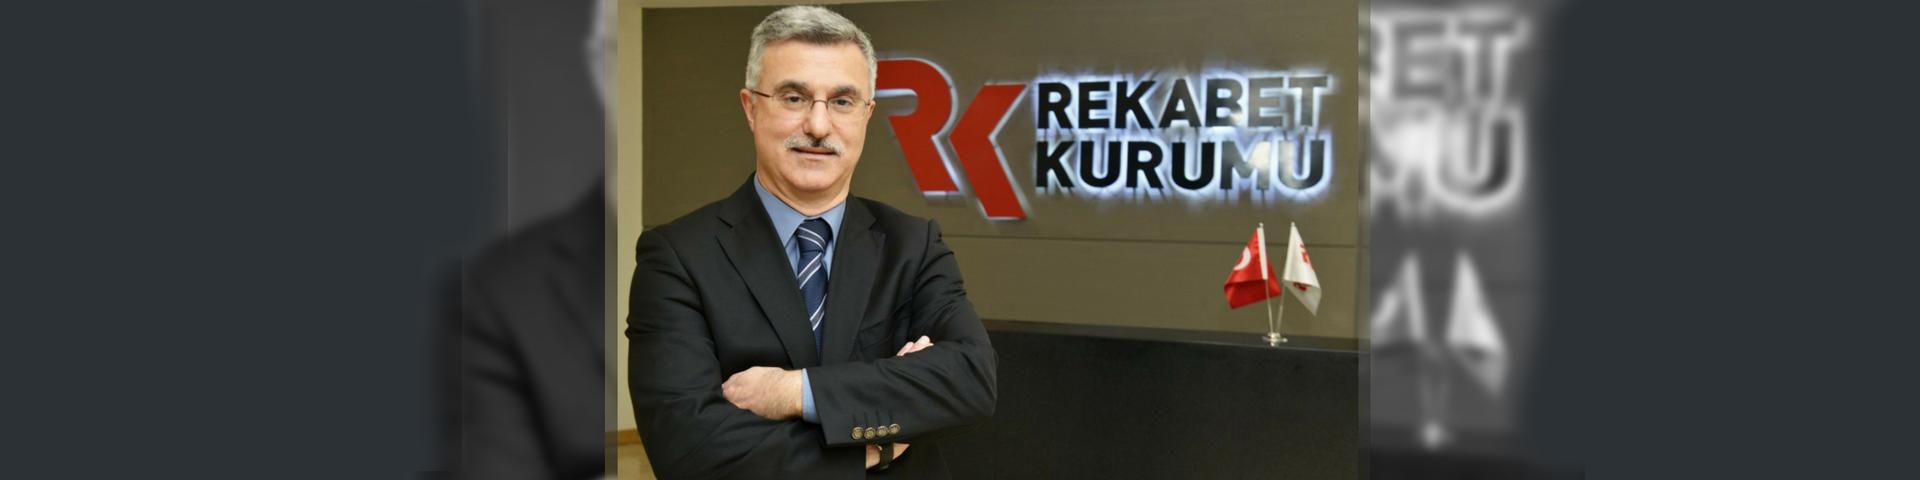 Rekabet Kurumu Başkanı Prof. Dr. Ömer Torlak Geliyor